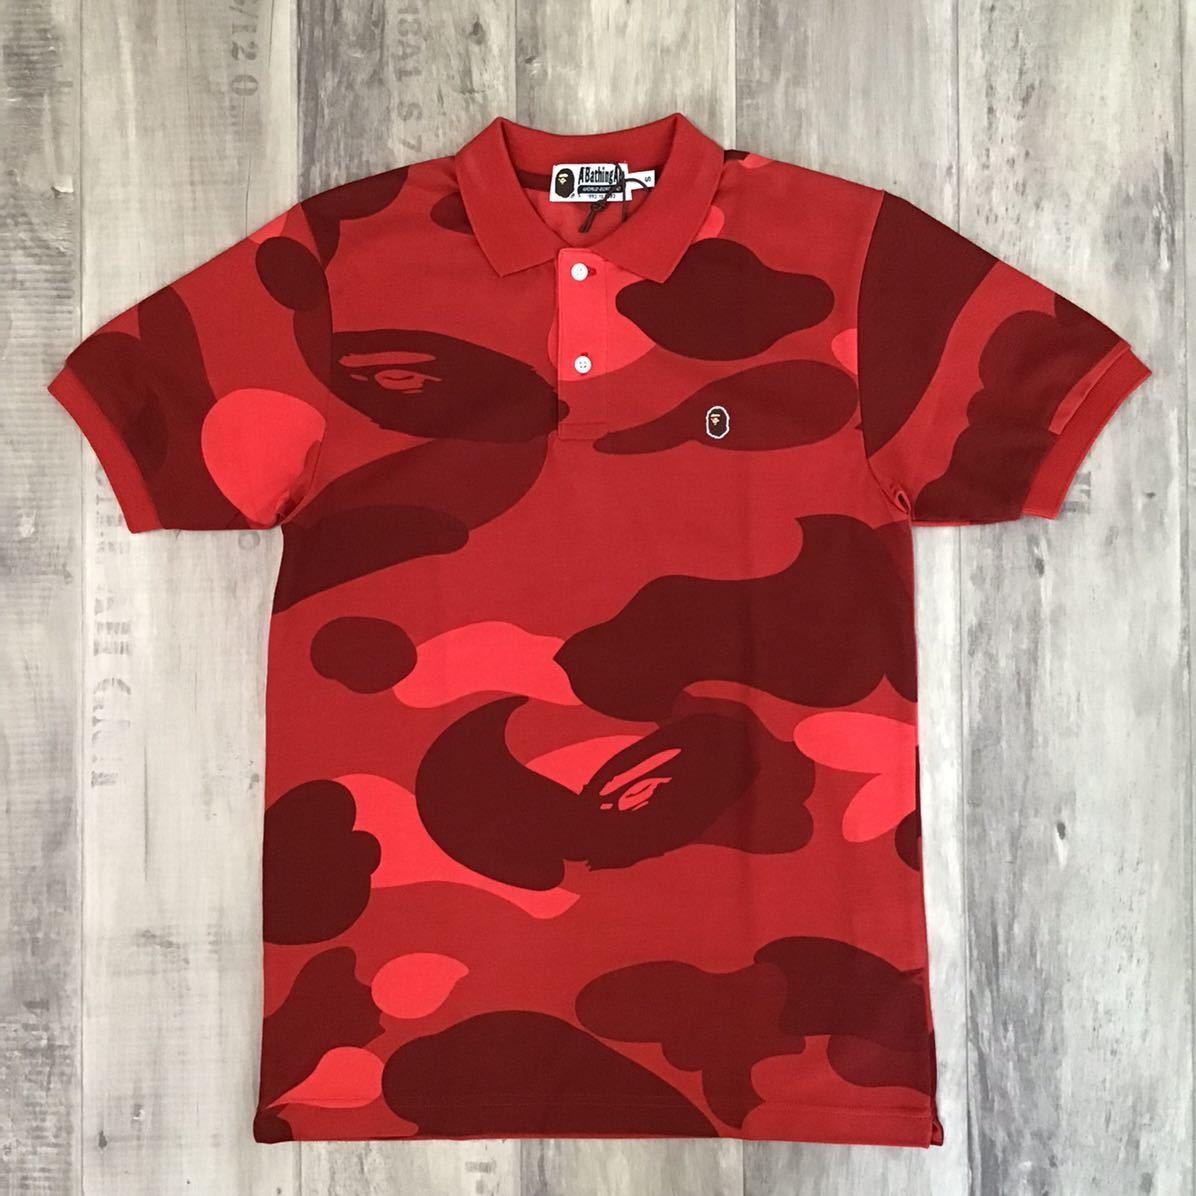 ★新品★ Giant camo ポロシャツ Sサイズ a bathing ape bape エイプ ベイプ アベイシングエイプ 迷彩 polo shirt zoom camo Red camo ui88